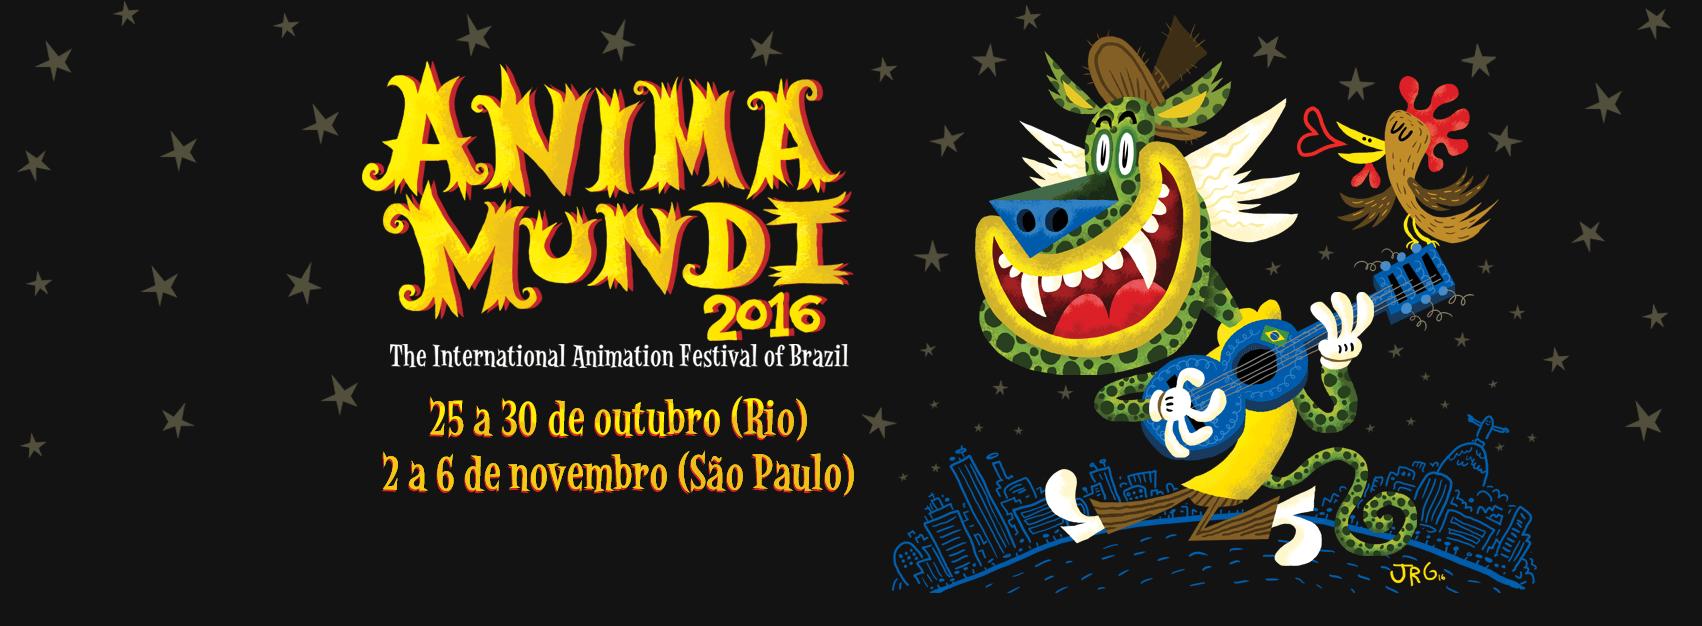 Anima Mundi 2016 big